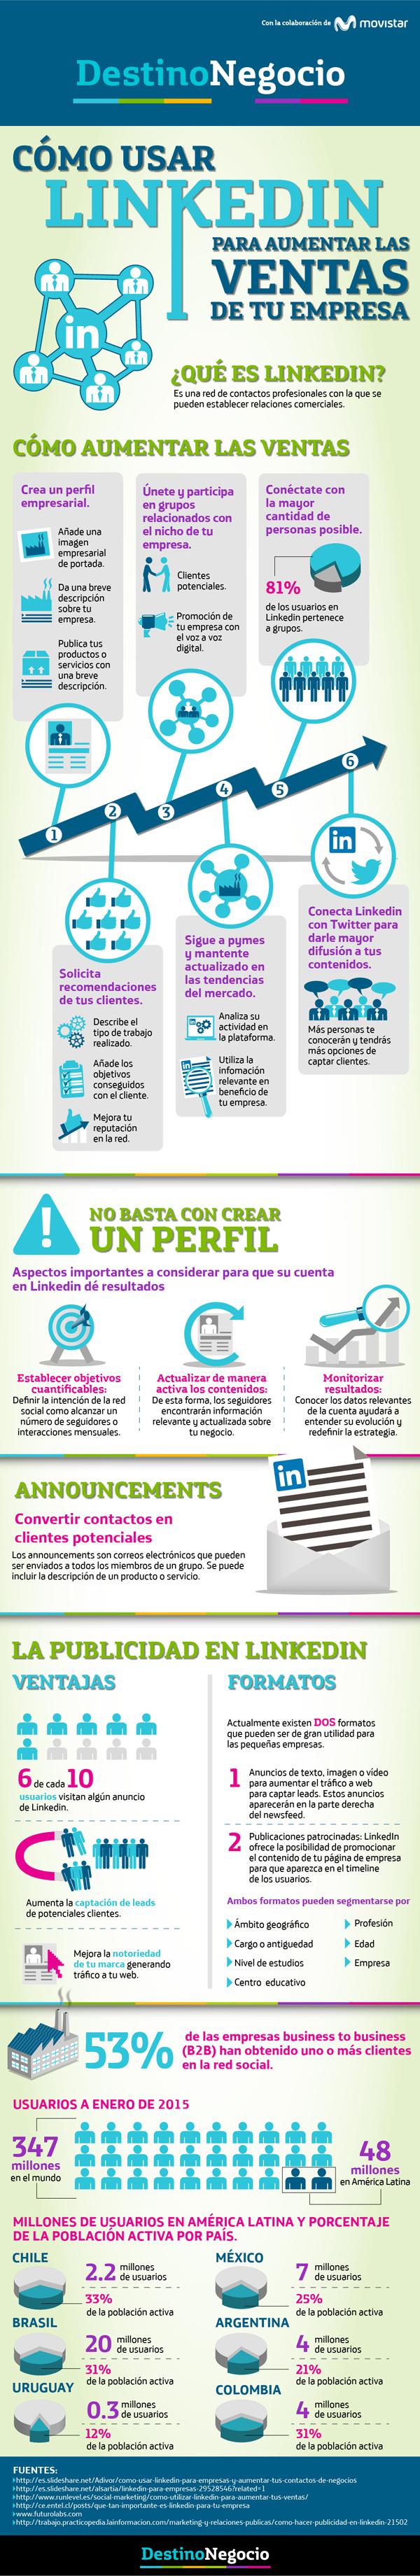 Cómo usar LinkedIn para aumentar las ventas de tu empresa